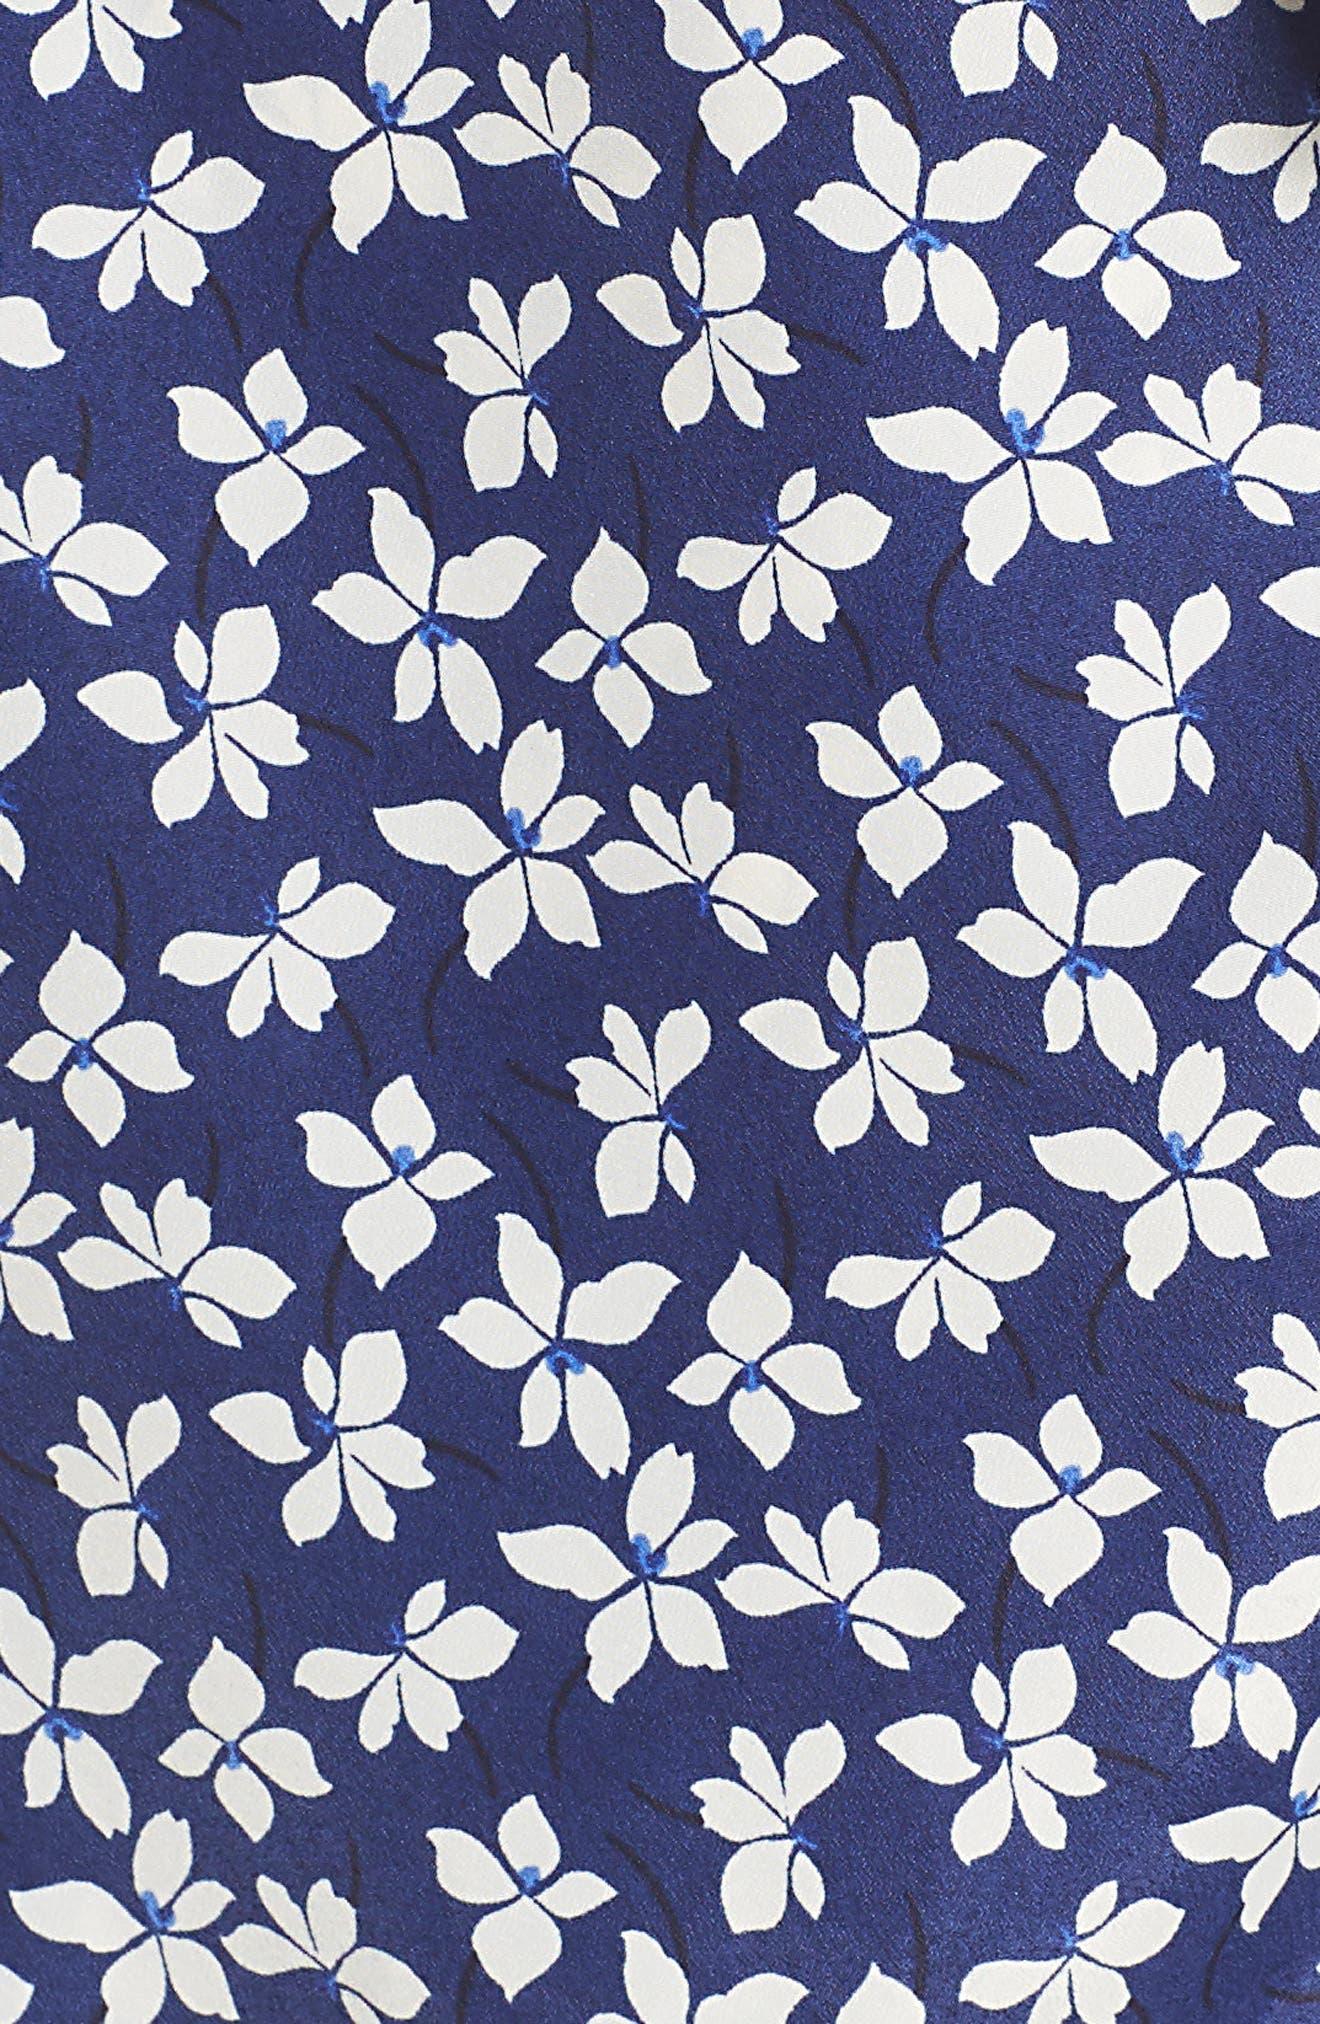 CHELSEA28,                             Floral Print Faux Wrap Dress,                             Alternate thumbnail 6, color,                             NAVY